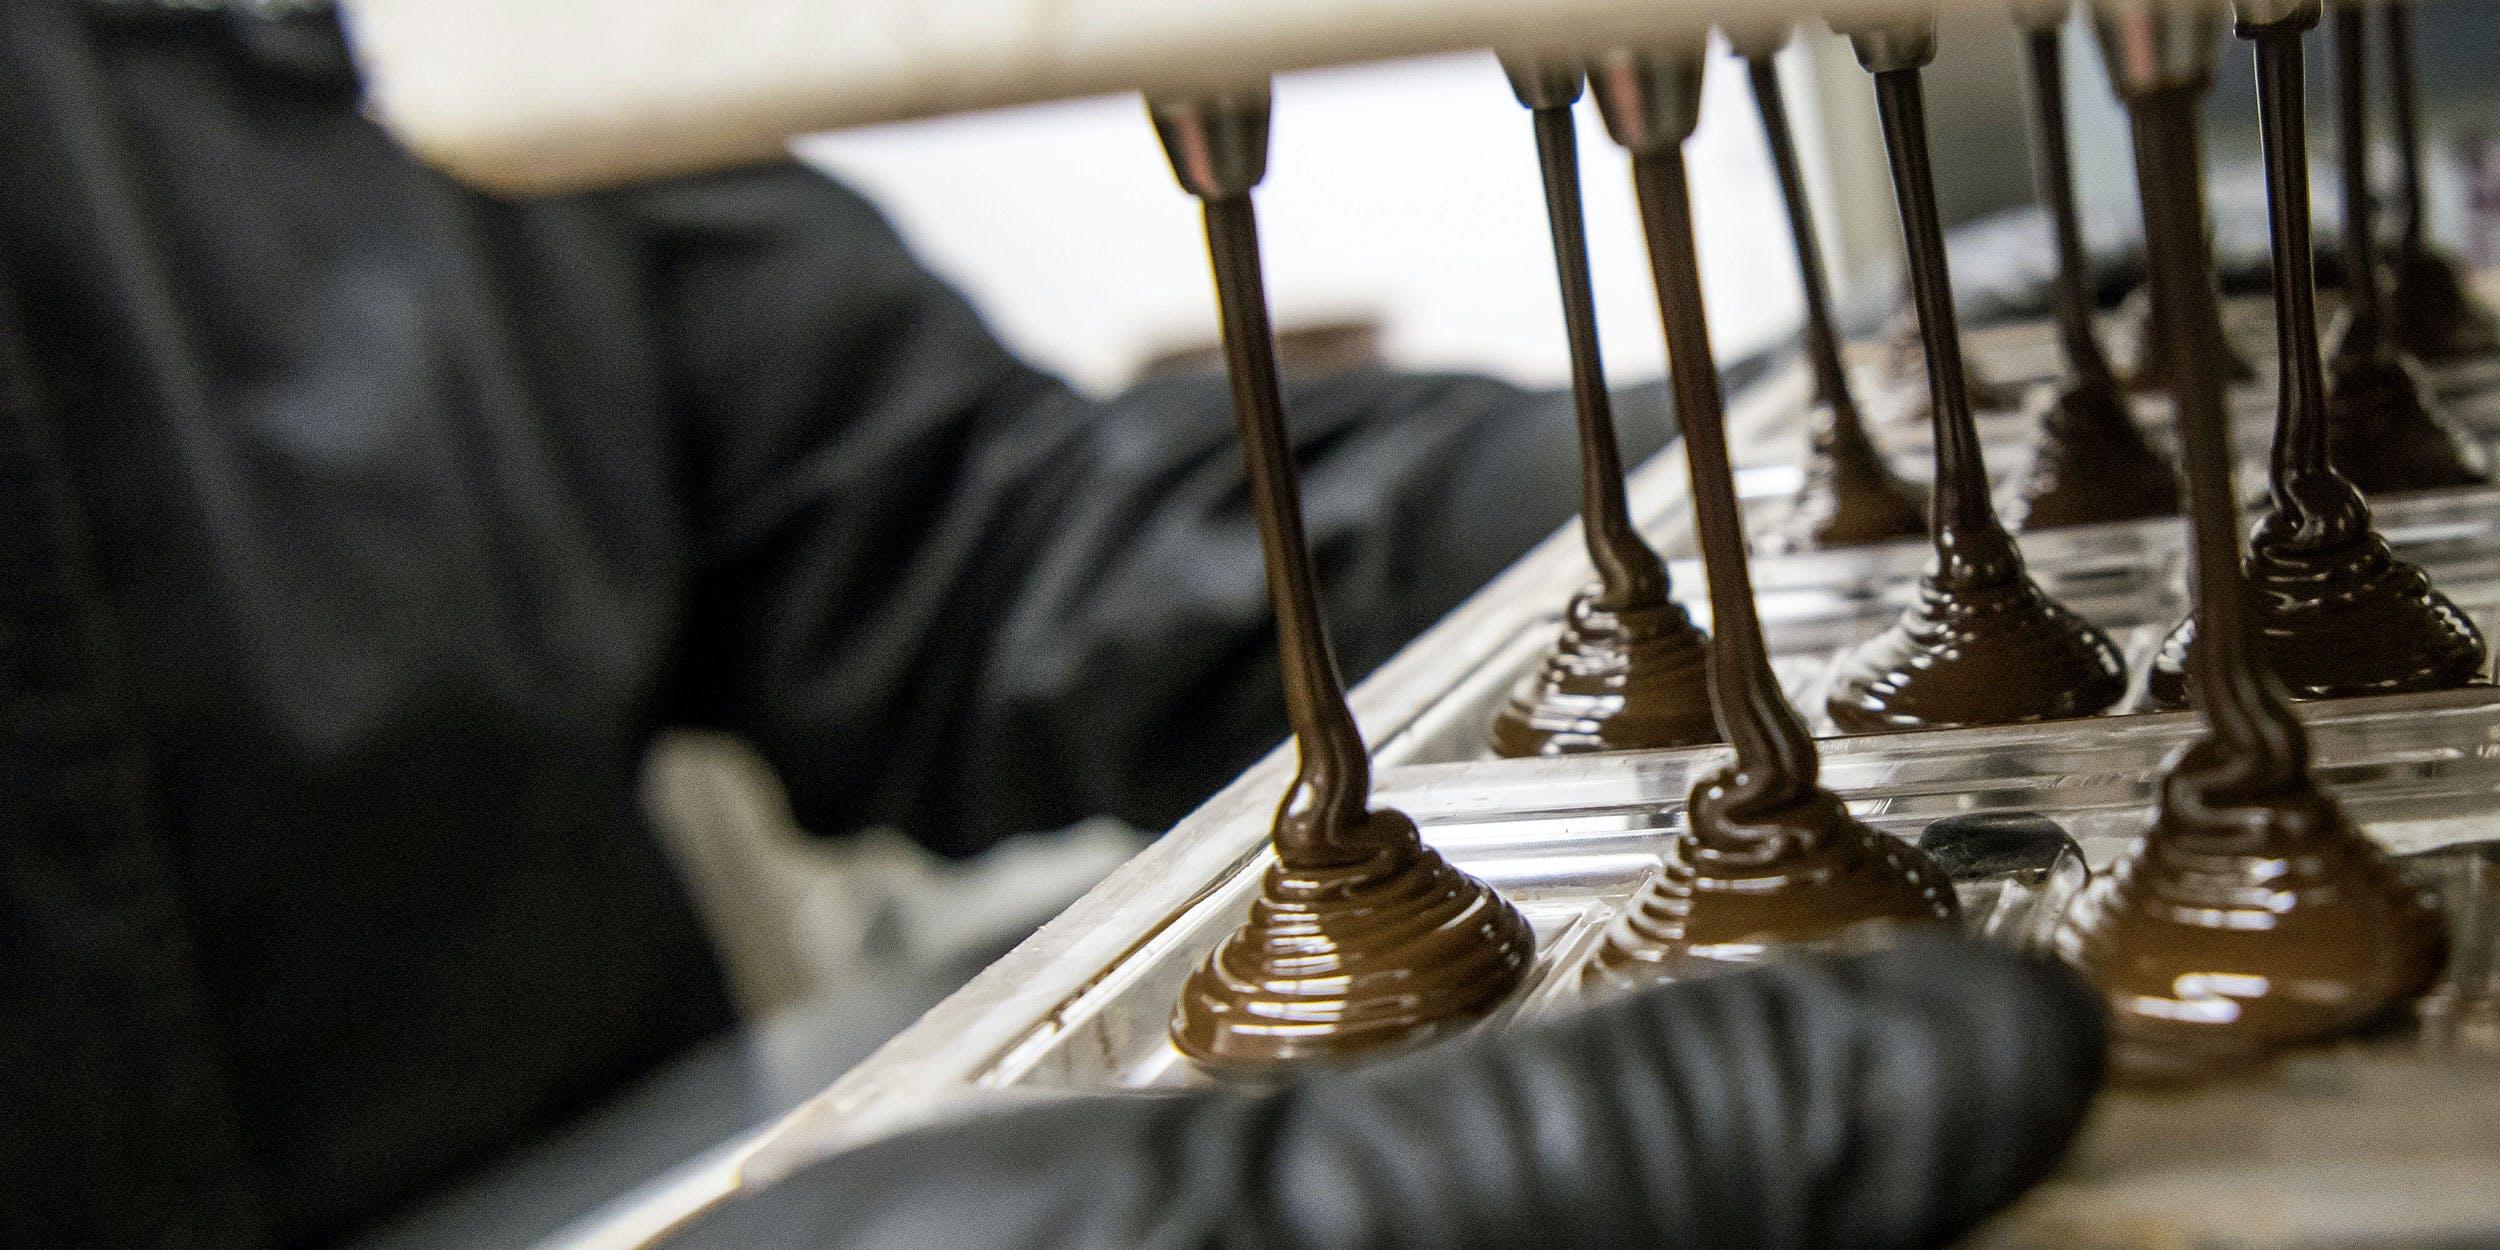 cannabis chocolate edibles